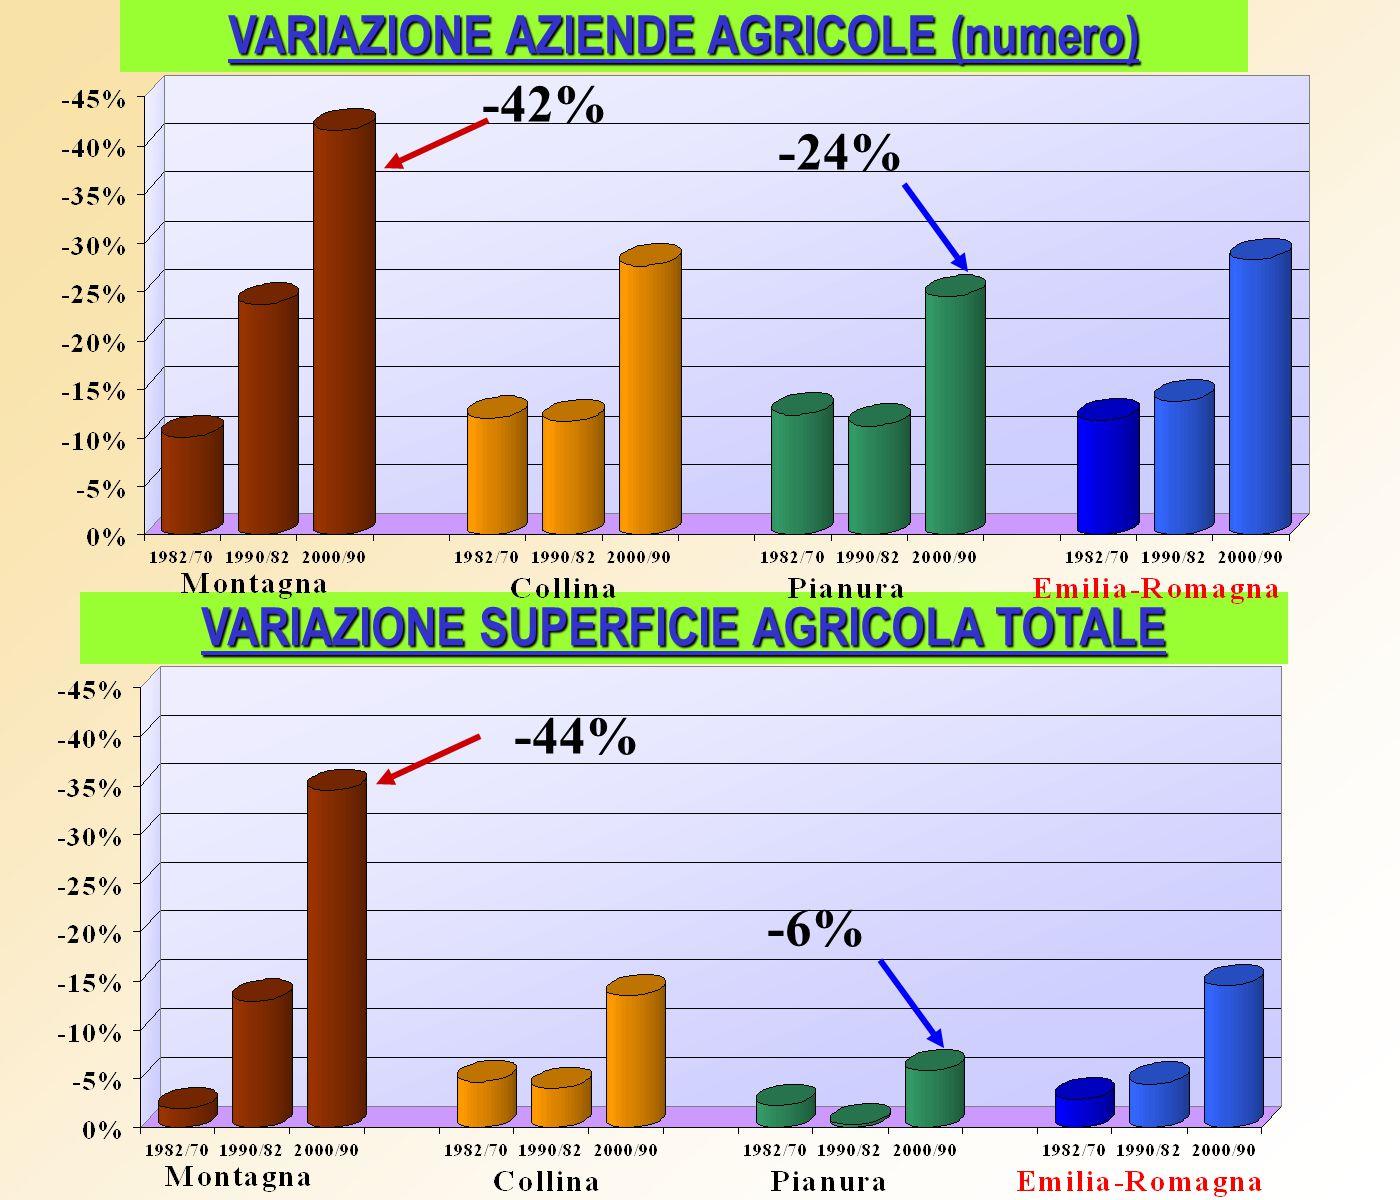 VARIAZIONE AZIENDE AGRICOLE CON SEMINATIVI VARIAZIONE SUPERFICIE A SEMINATIVI -48% -25,5% -35% -0,5% -7,5% -31%